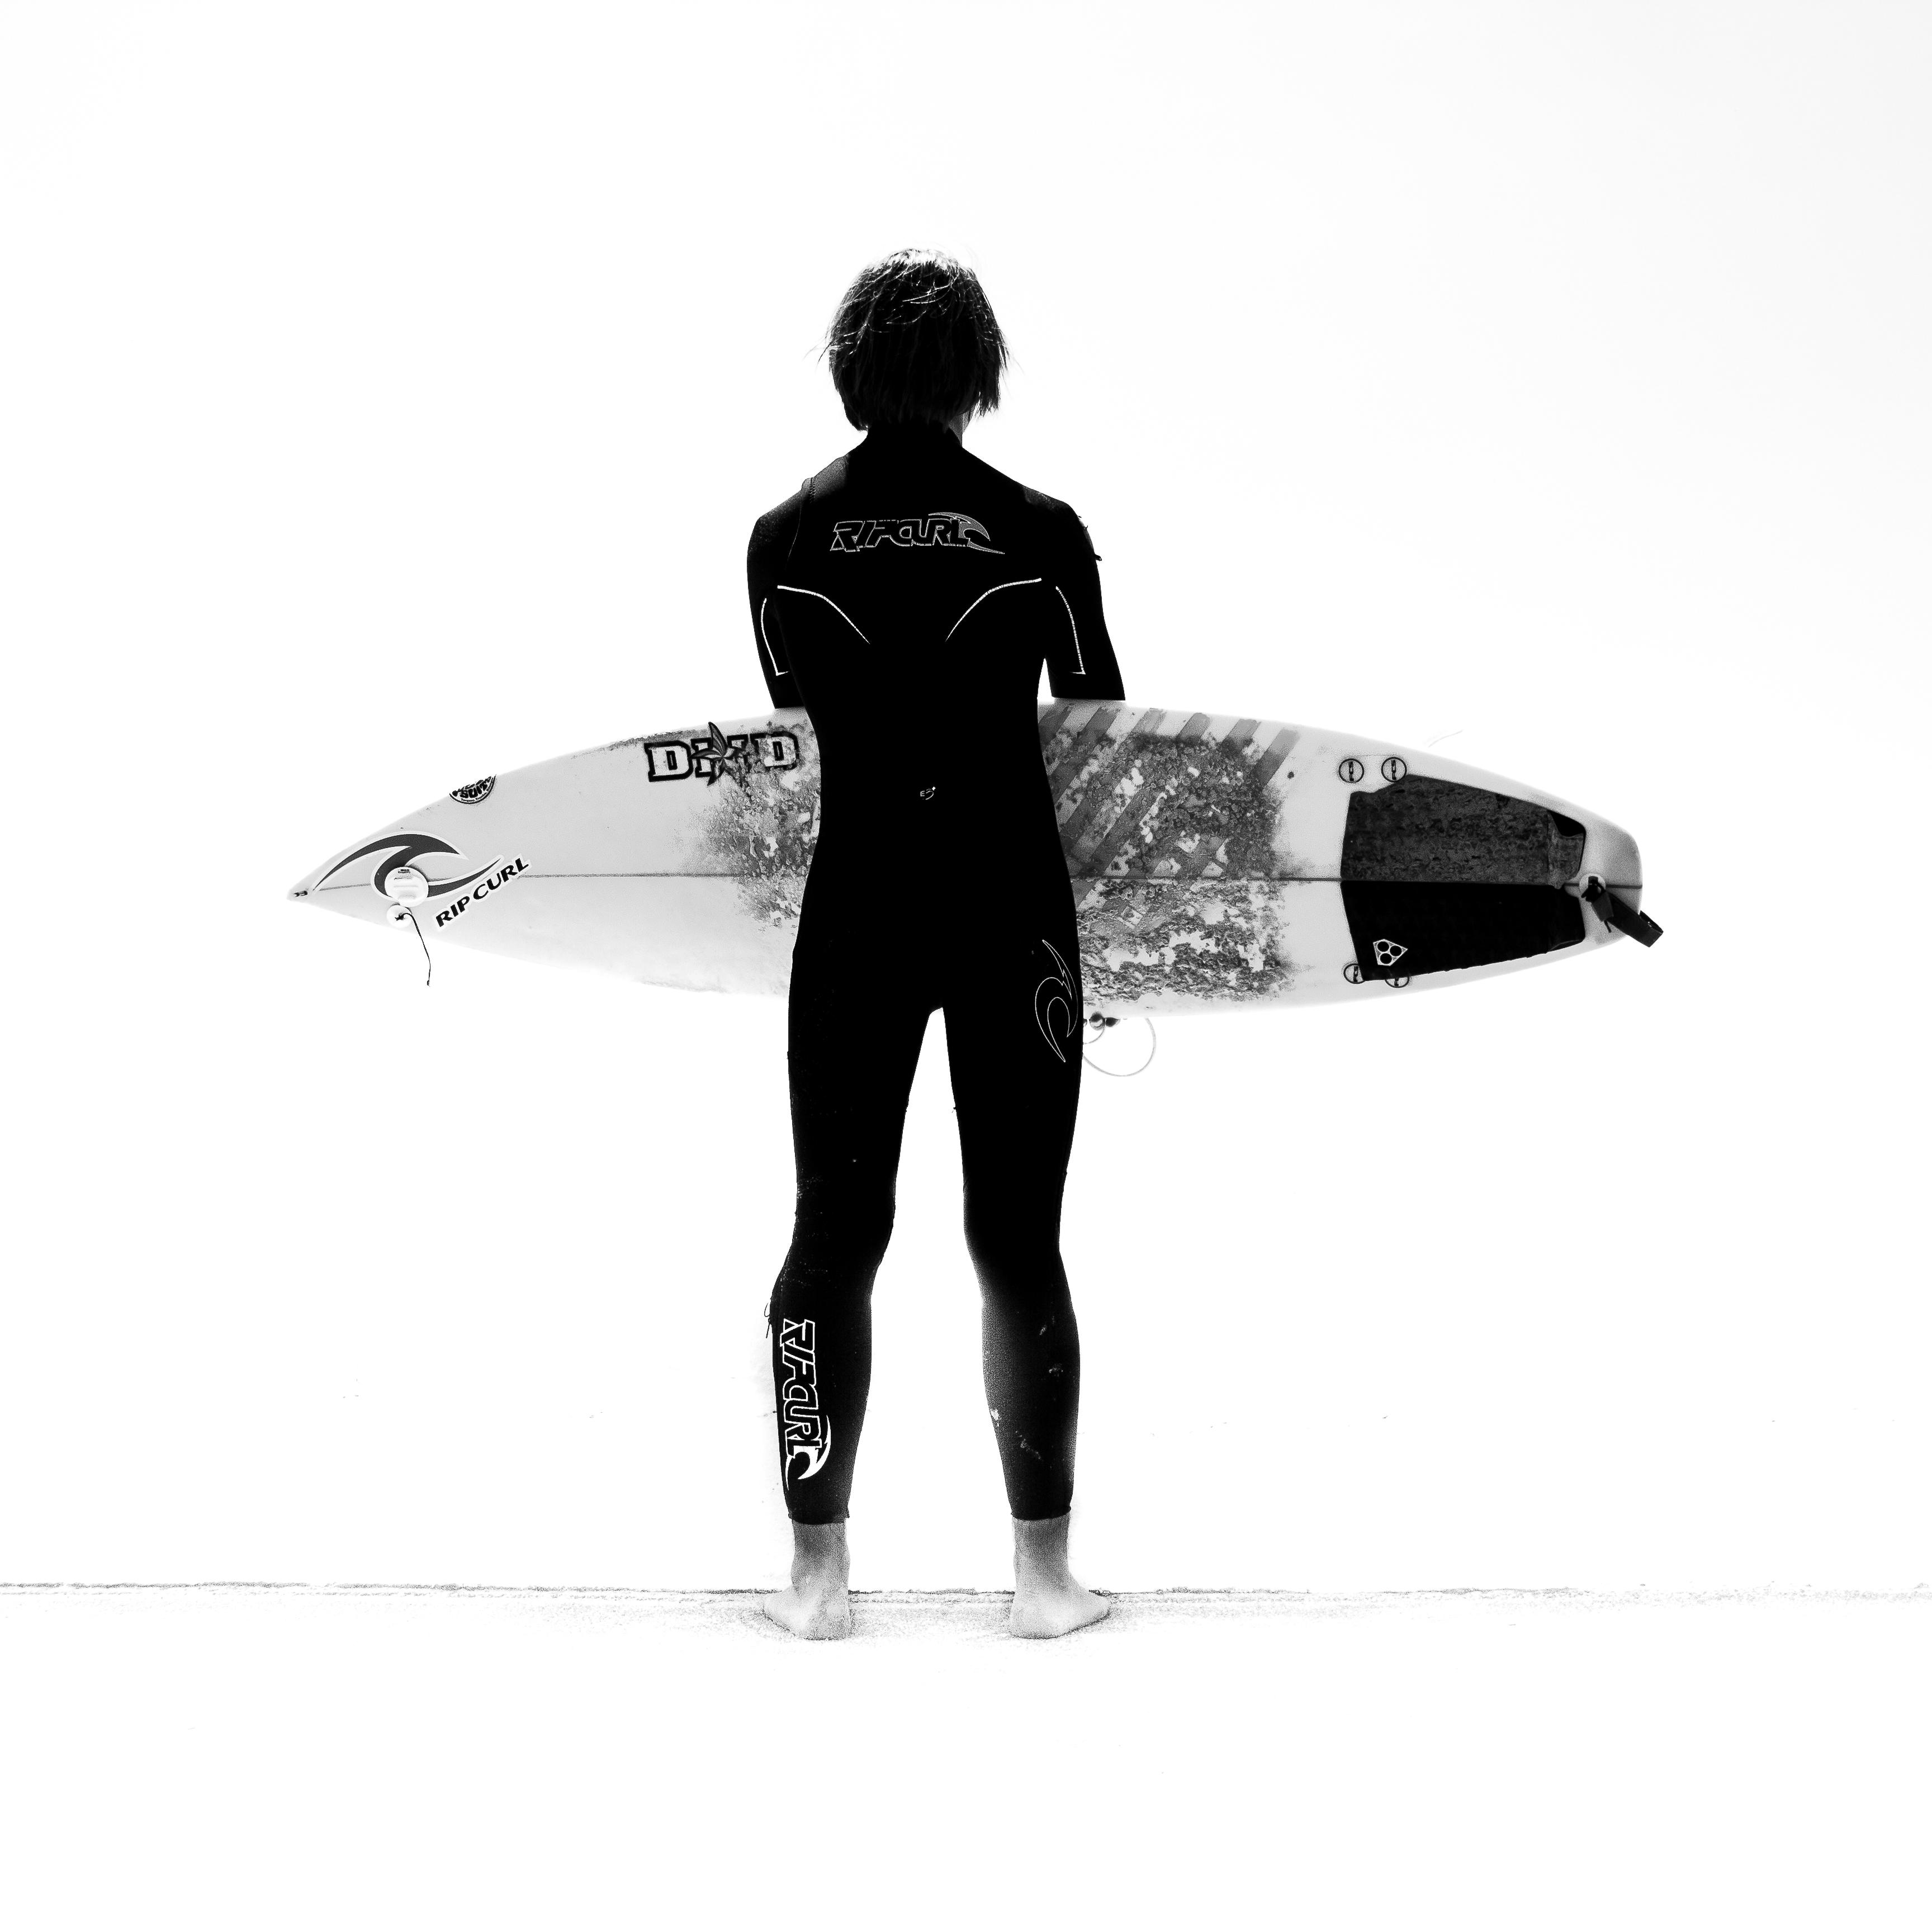 Surfer - Photographie Yann Lecomte- Sablographie